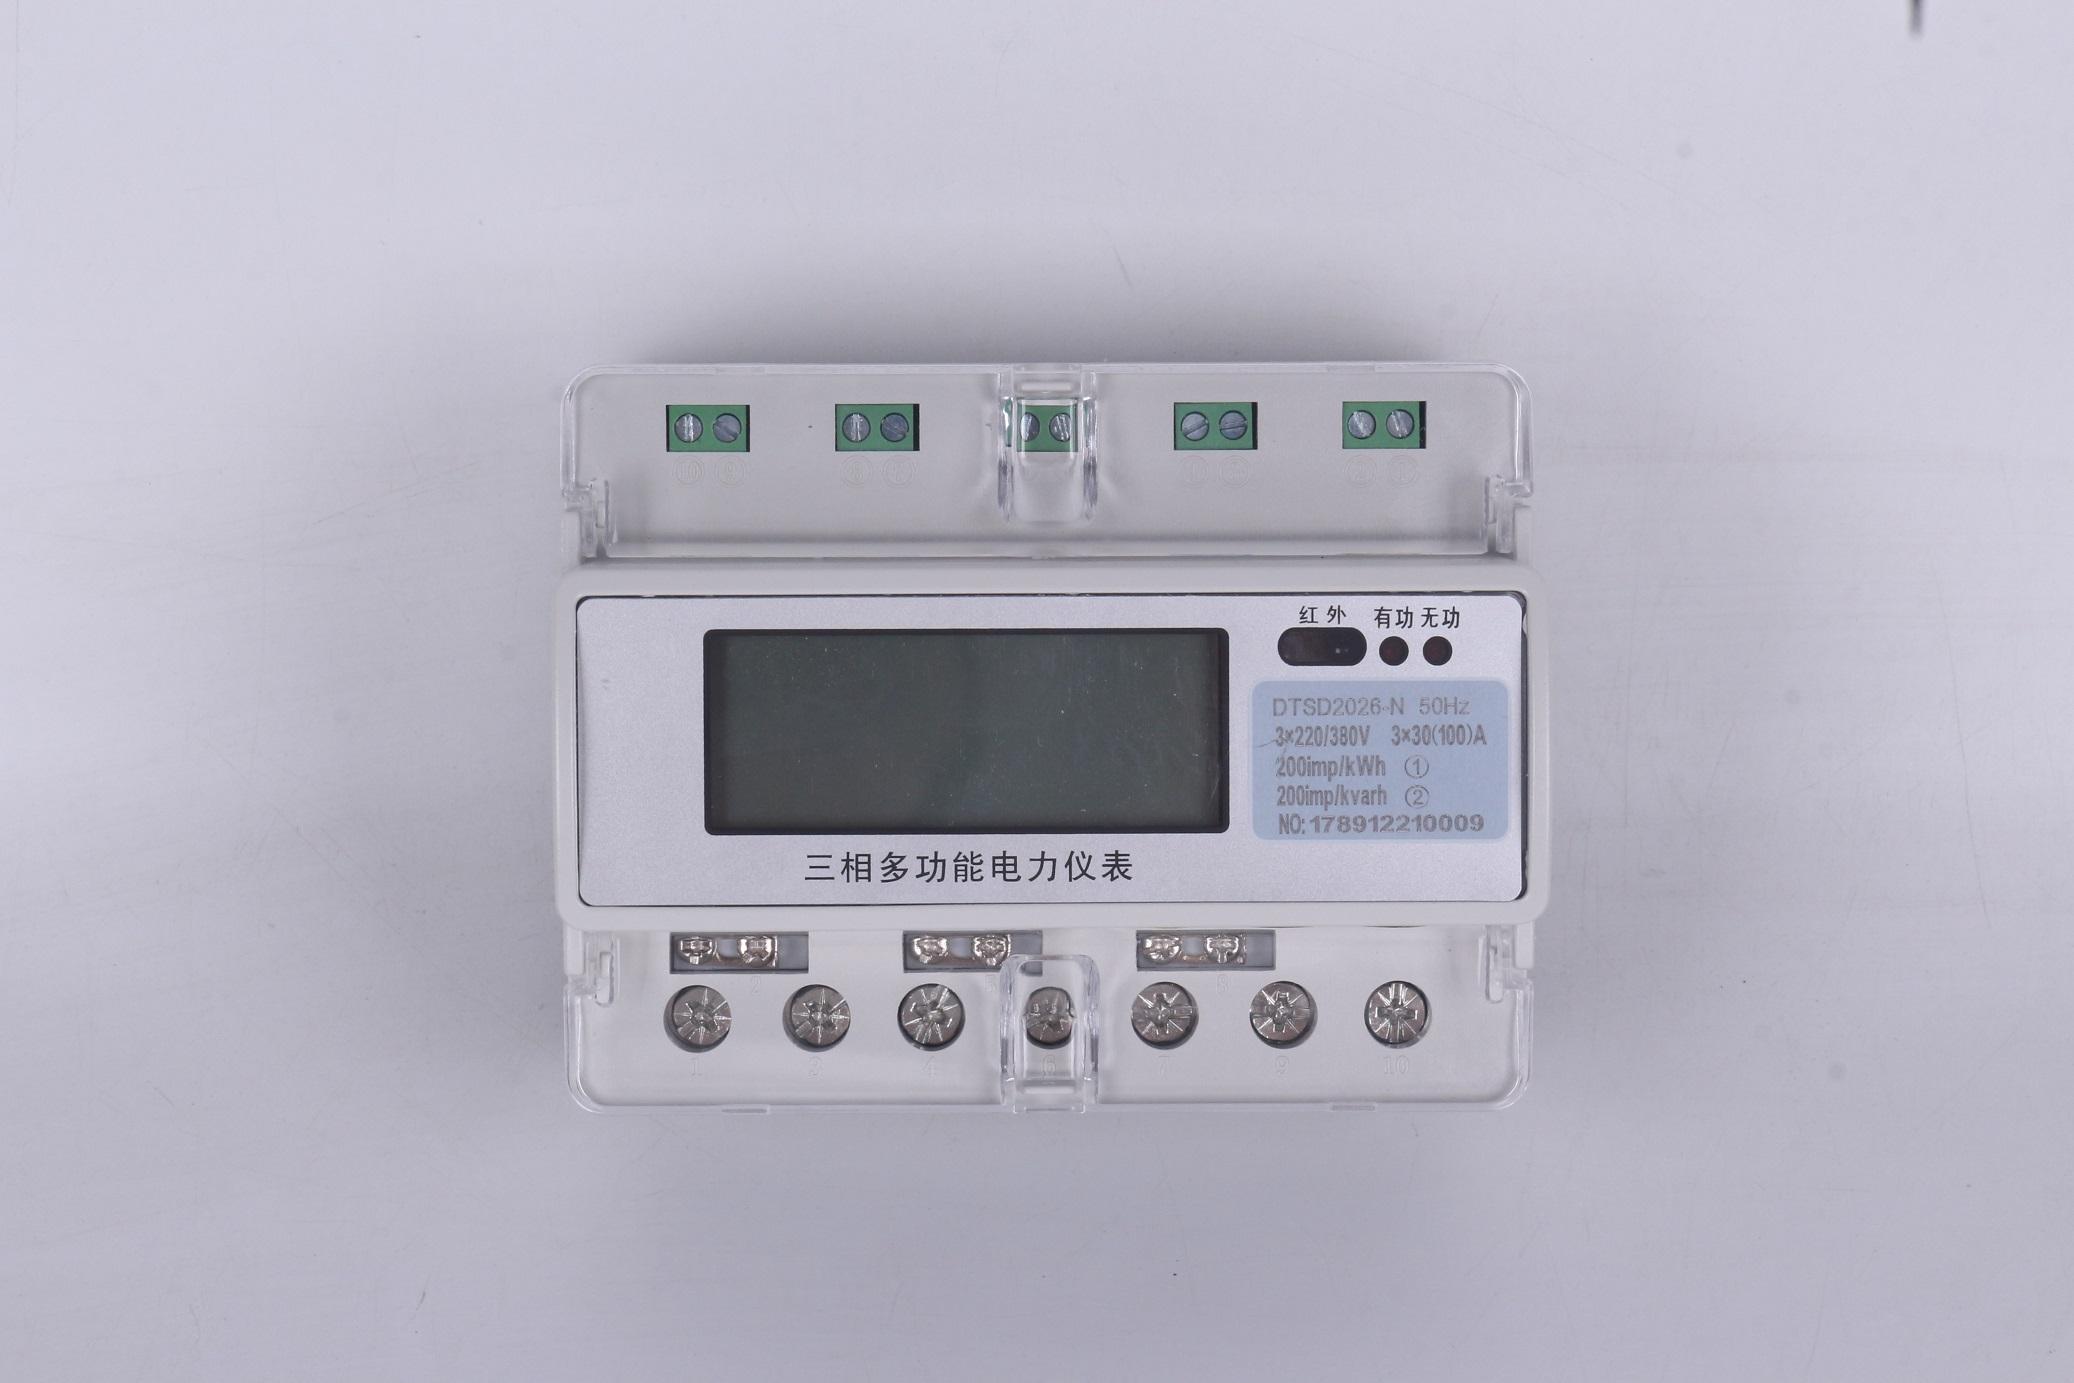 三相多功能导轨式电能计量表DTSD2026-N